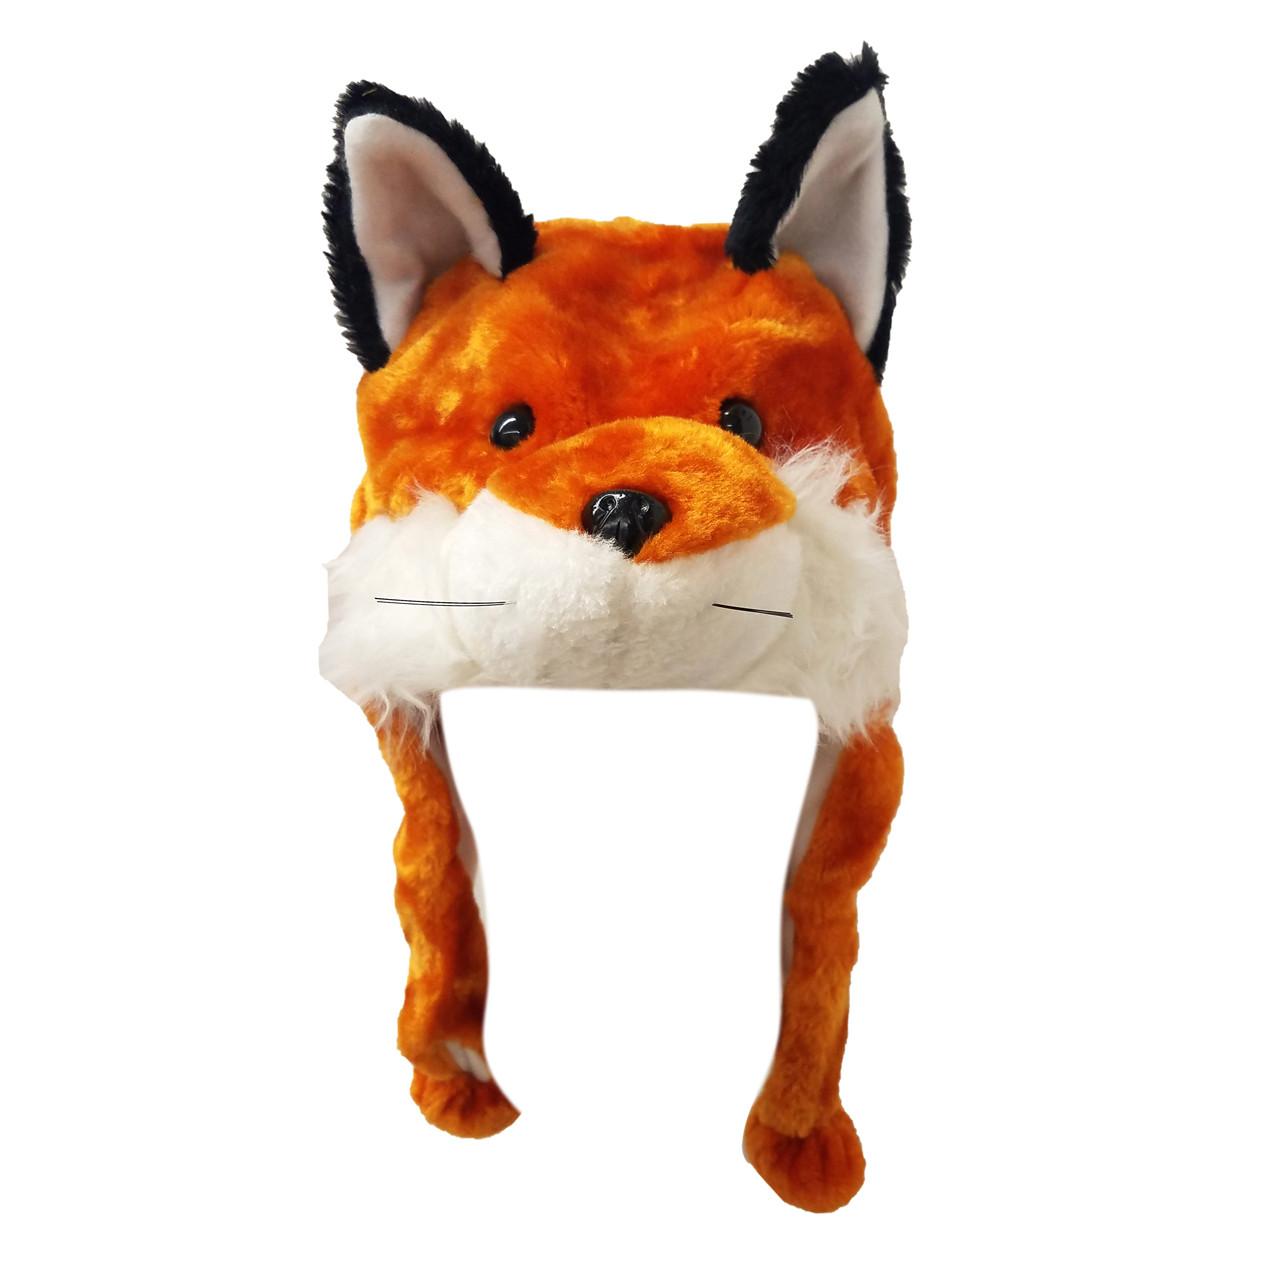 06faf36cf92 Fox animal hat a only each wholesale llc jpg 1280x1280 Fox animal hat